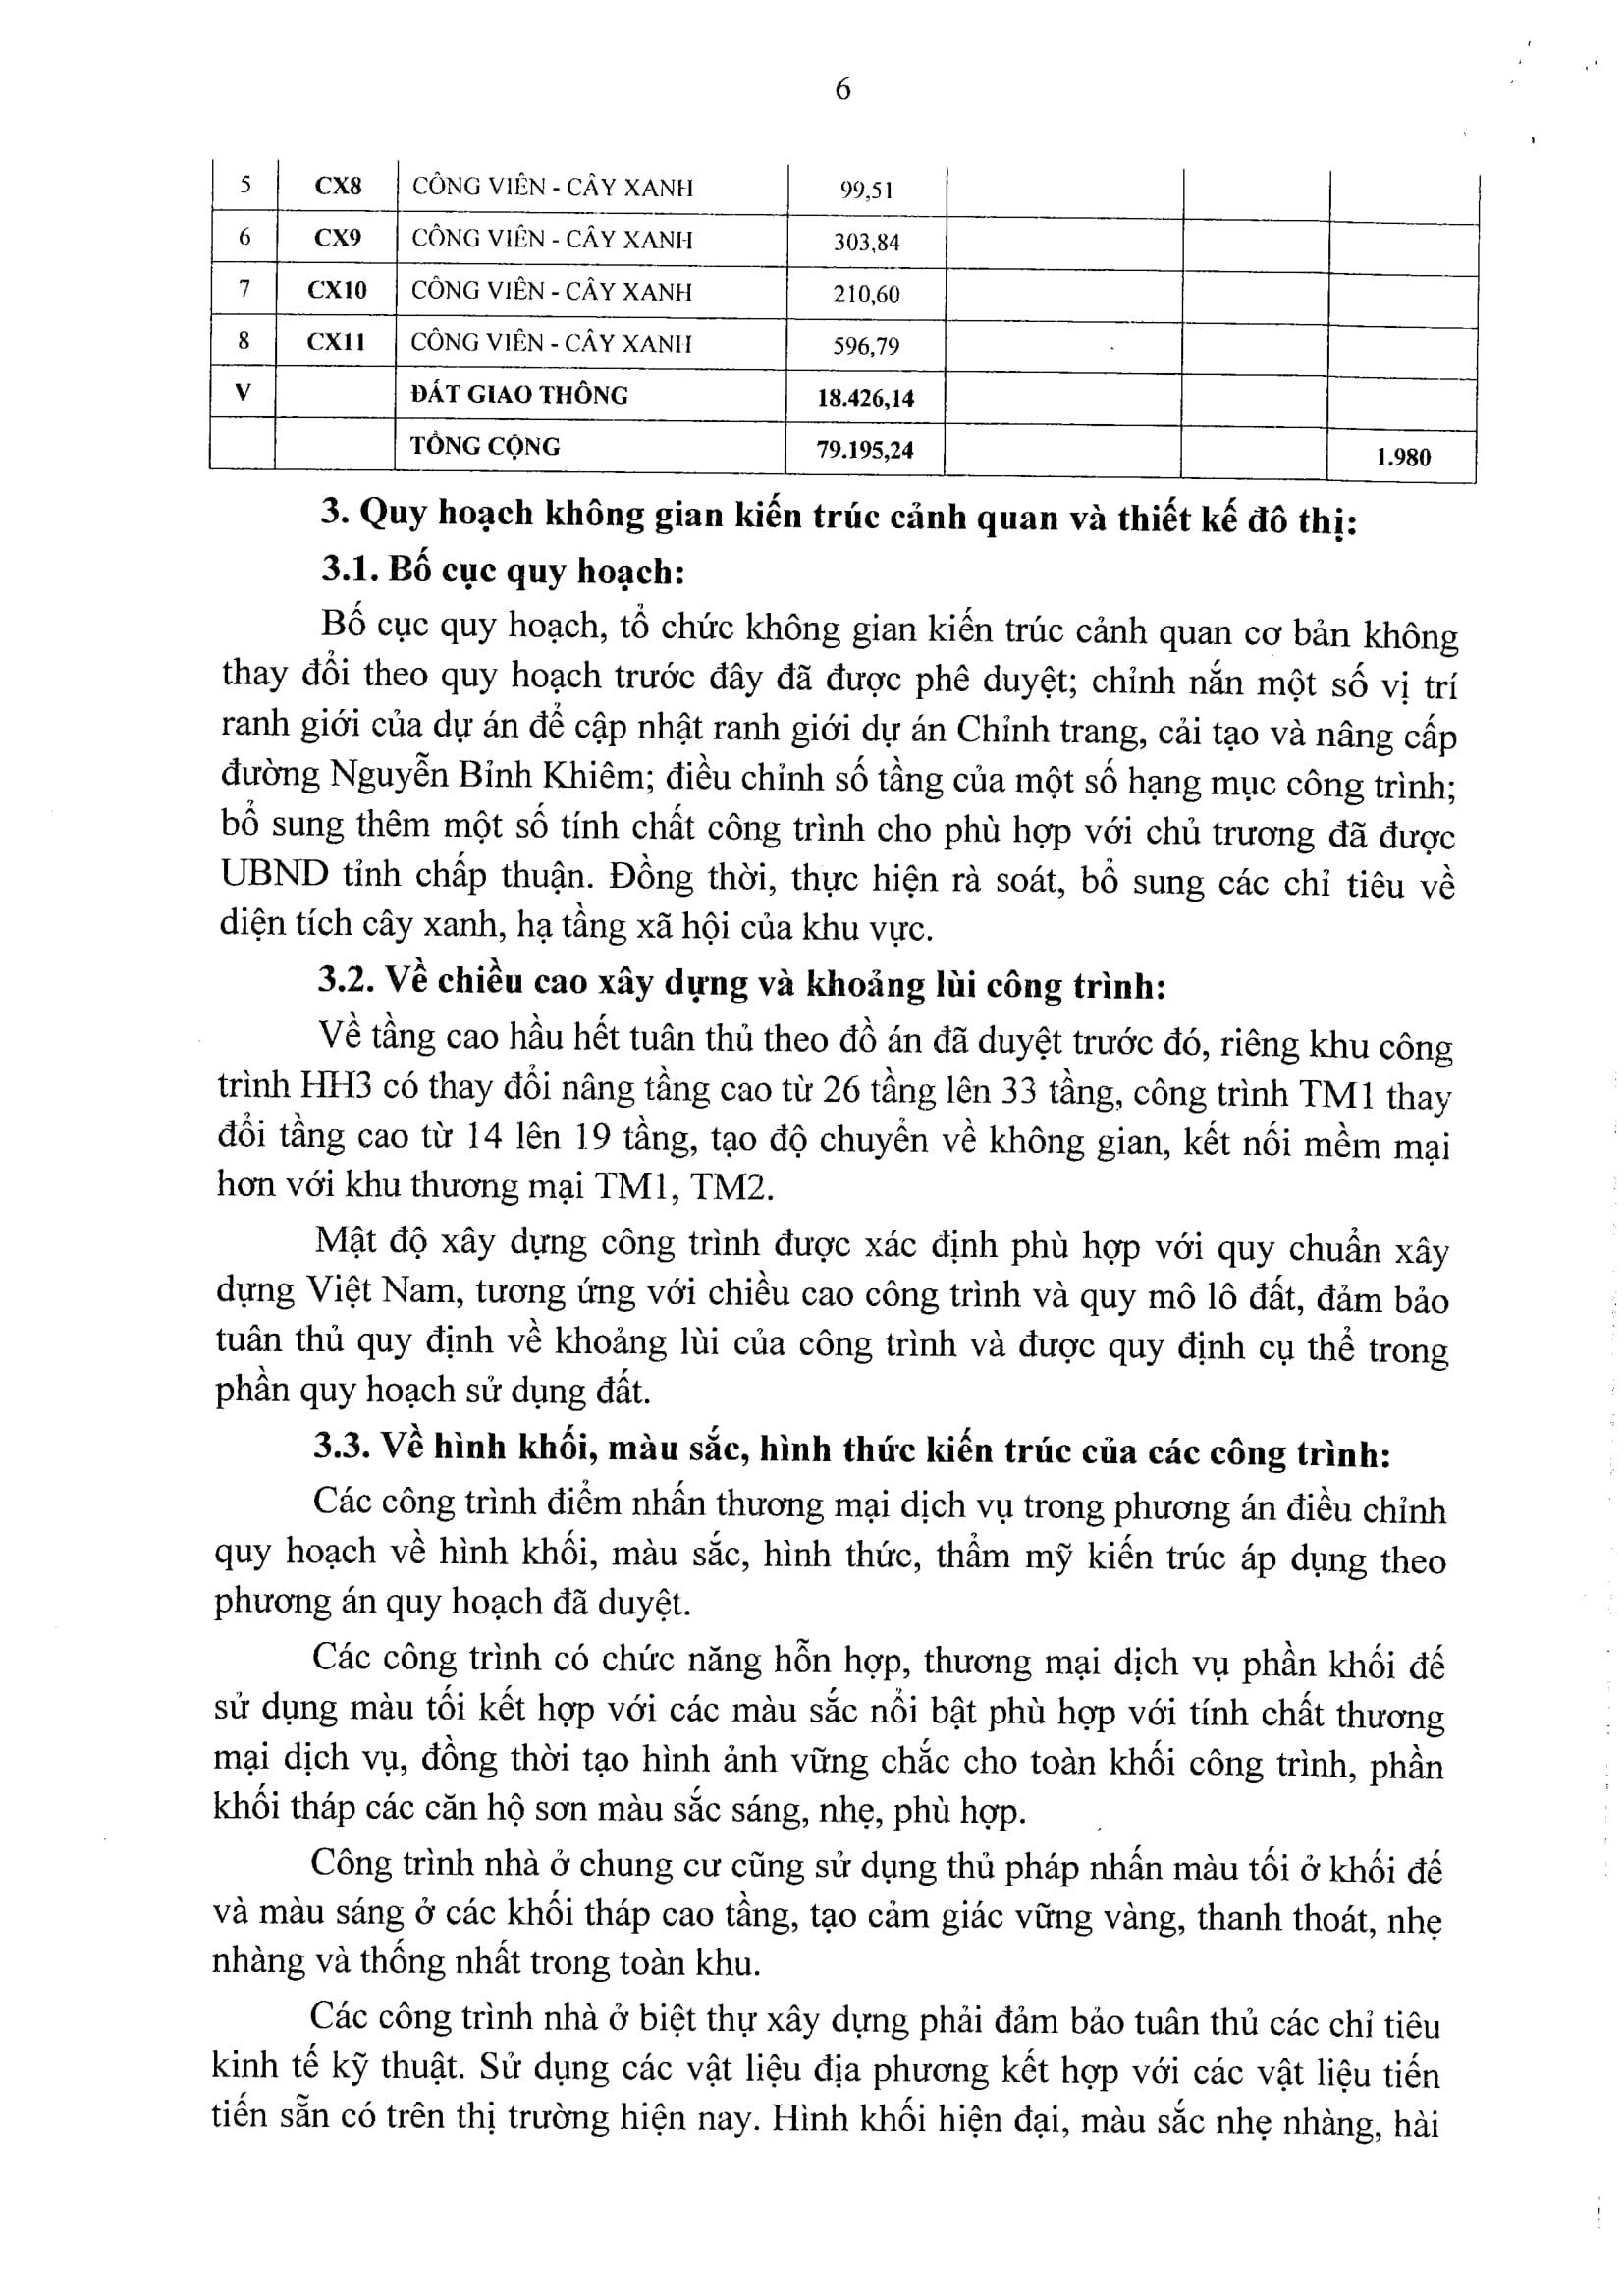 1 phần 500 dự án Khu Dân Cư Cồn Tân Lập 6 - Quy hoạch chi tiết tỷ lệ 1/500 Khu dân cư Cồn Tân Lập Nha Trang